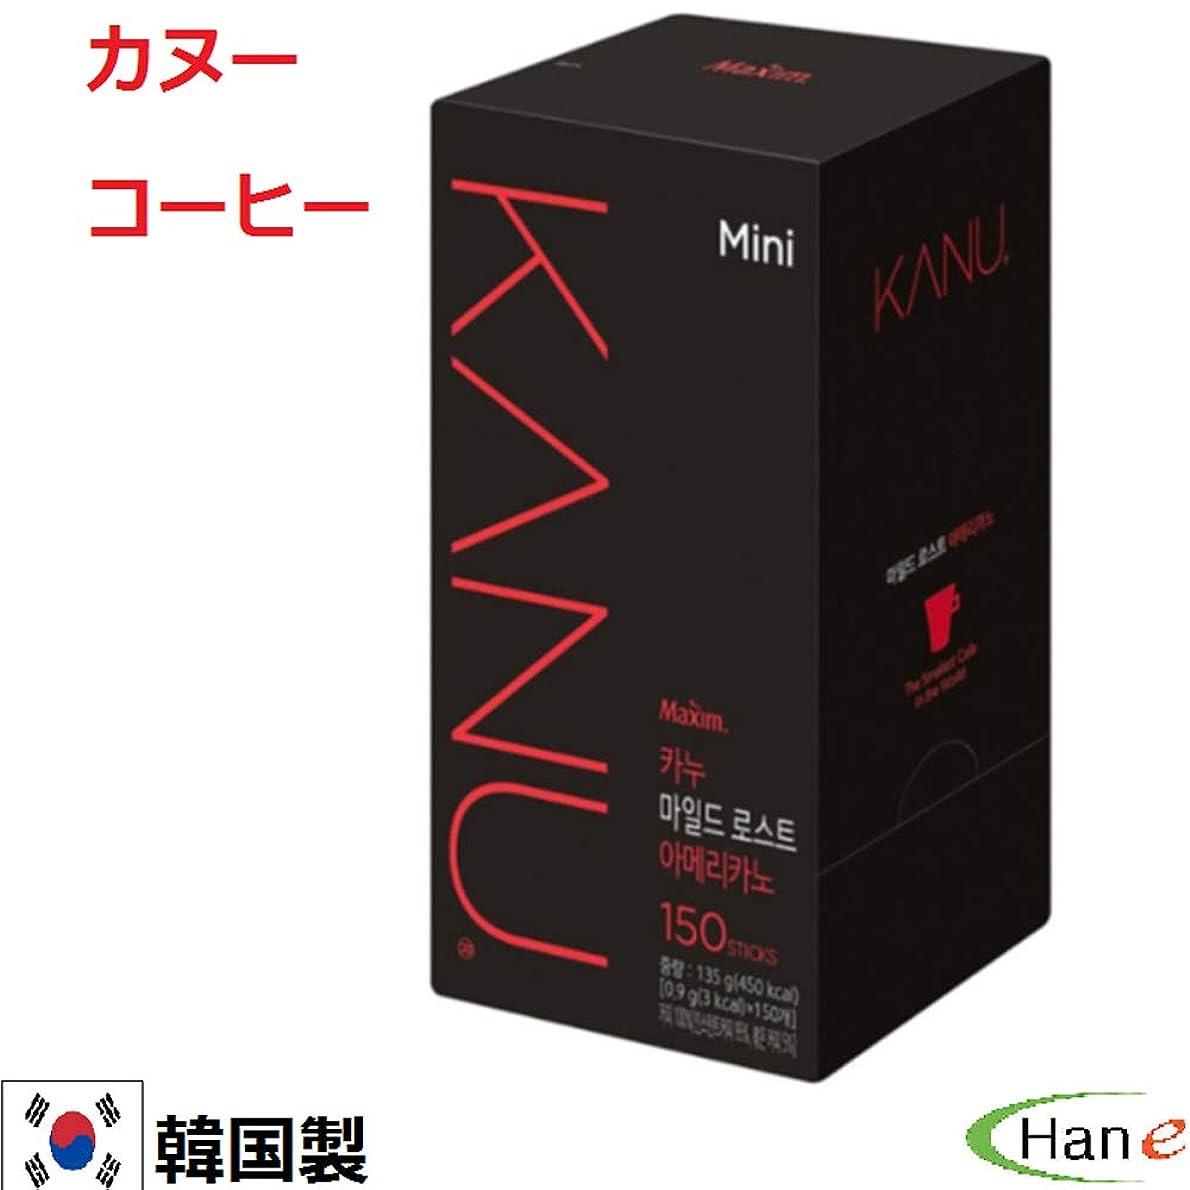 髄特性資格Maxim Kanu 韓国 マキシム カヌー ミニ マイルドロースト コーヒー 0.9g x 150本